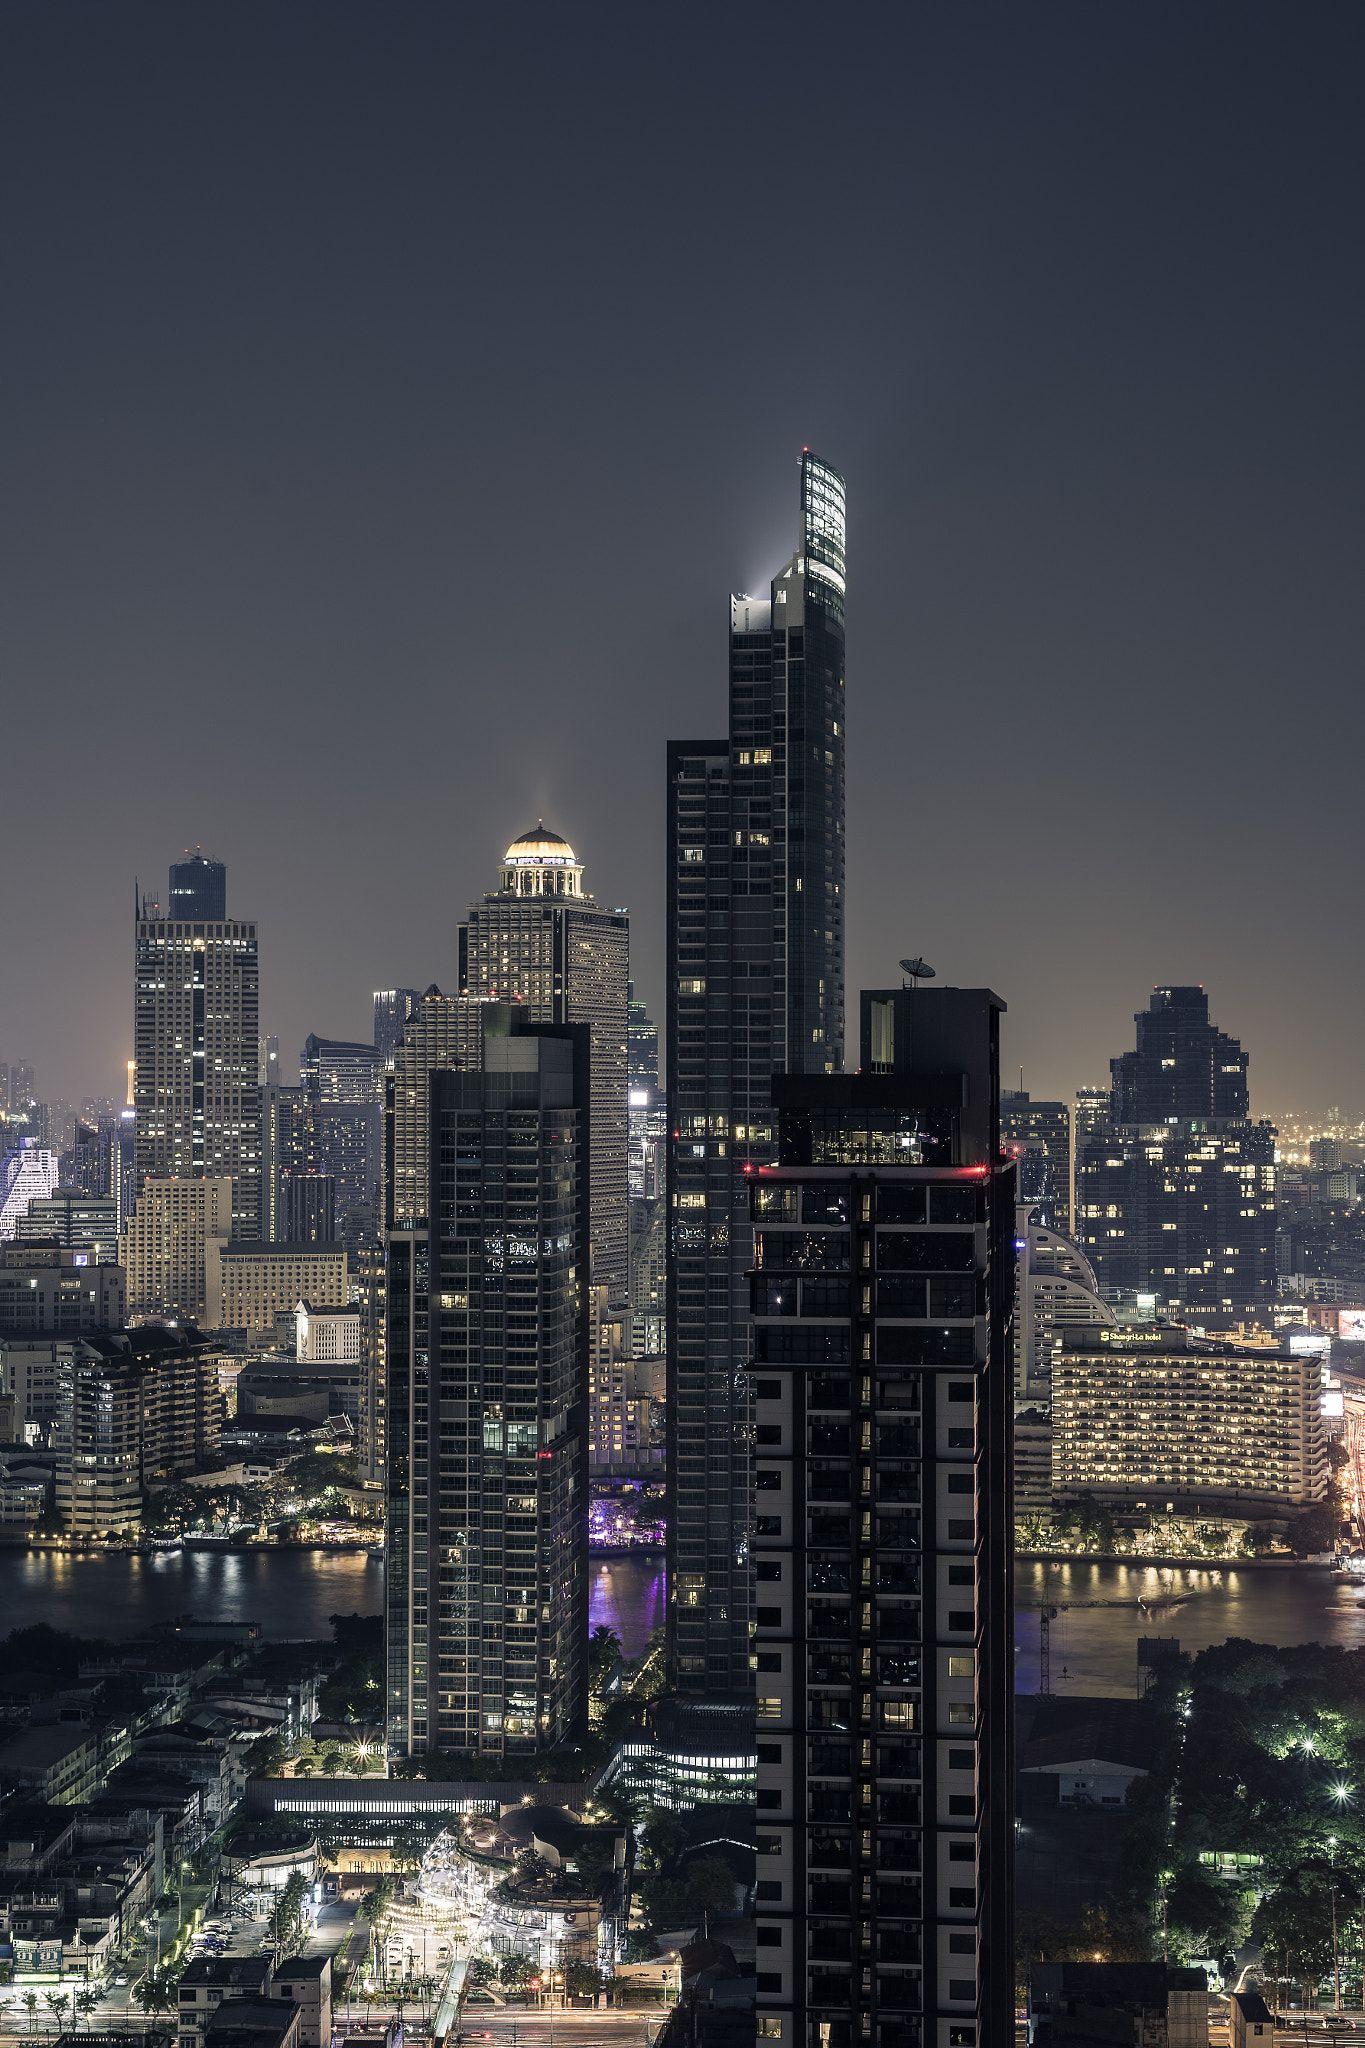 Skyline Of Bangkok At Night Skyline Of Bangkok At Night On Chao Phraya River Thailand Asien